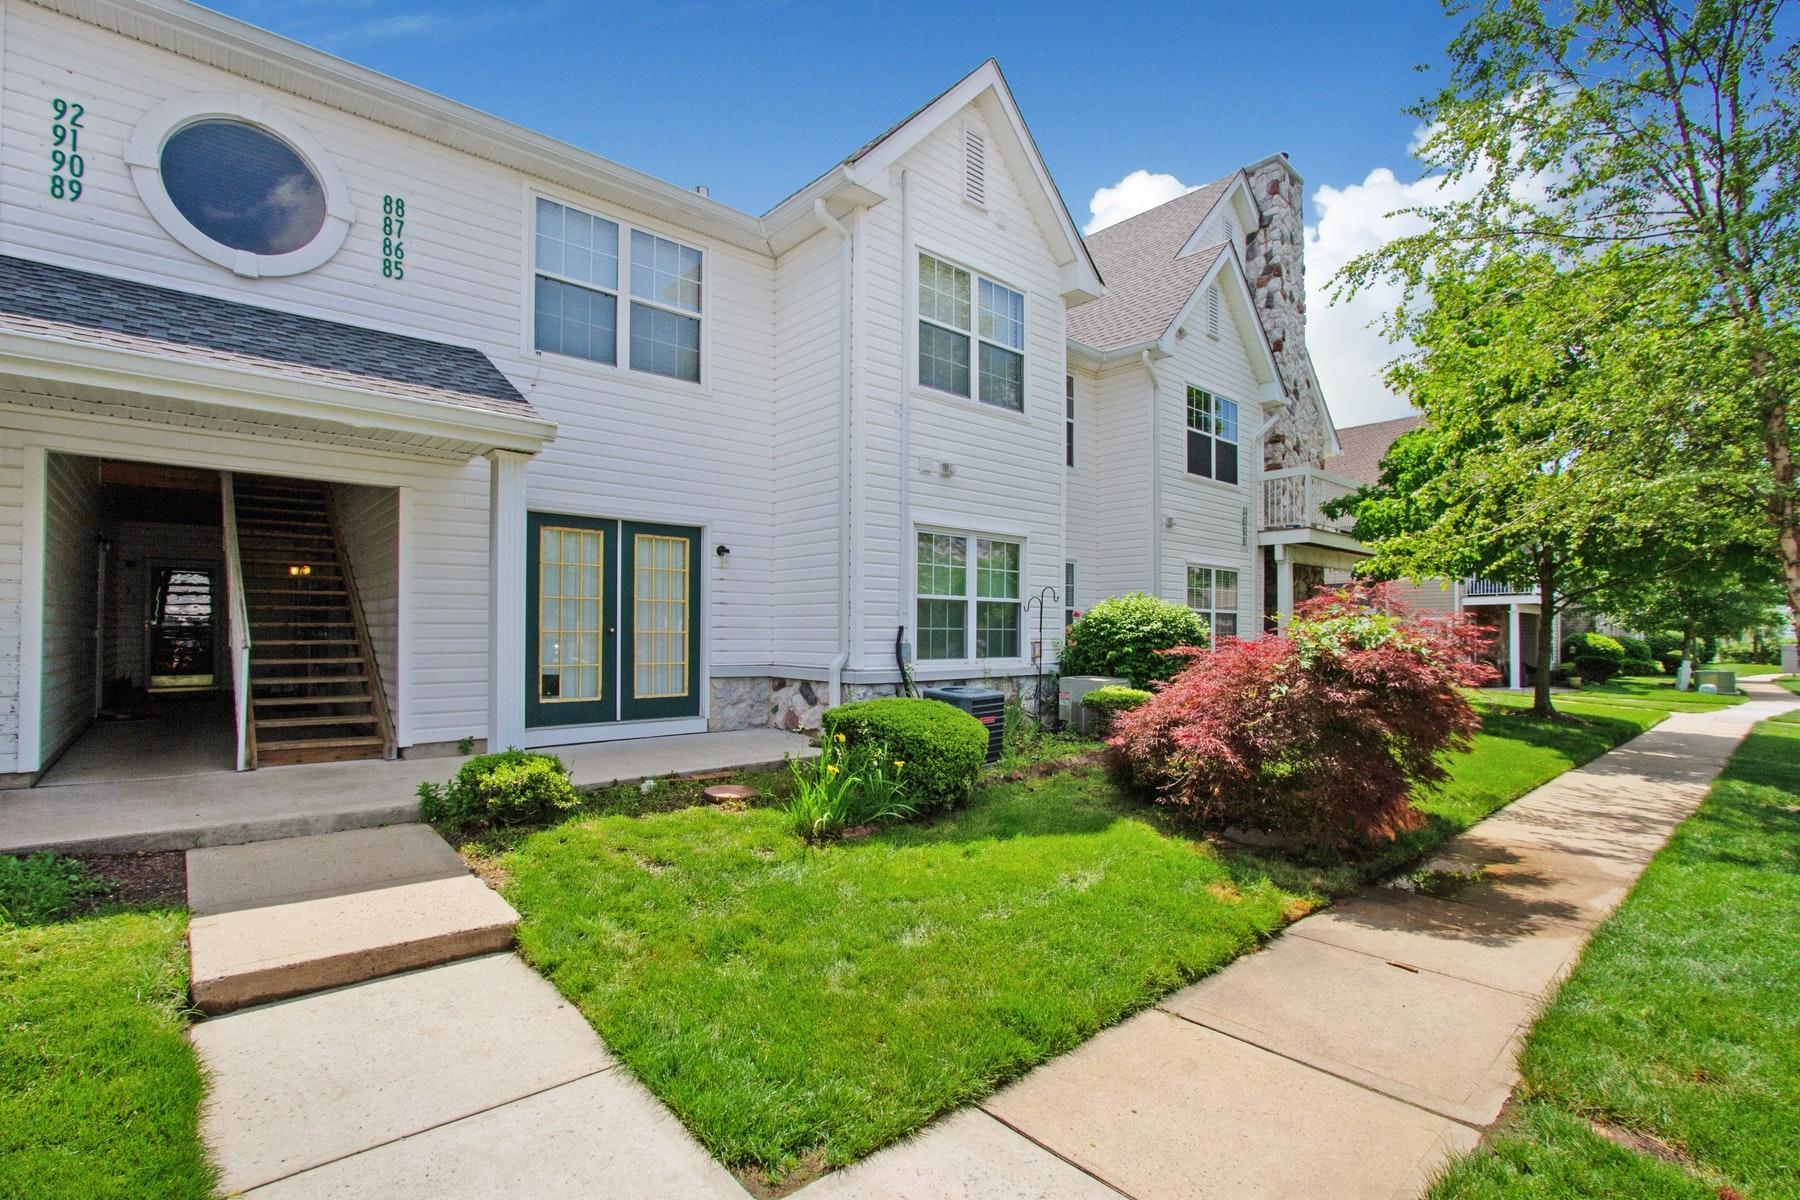 Condominiums por un Venta en Sunny Tinton Falls Condominium 86 Des Moines Court Tinton Falls, Nueva Jersey 07712 Estados Unidos